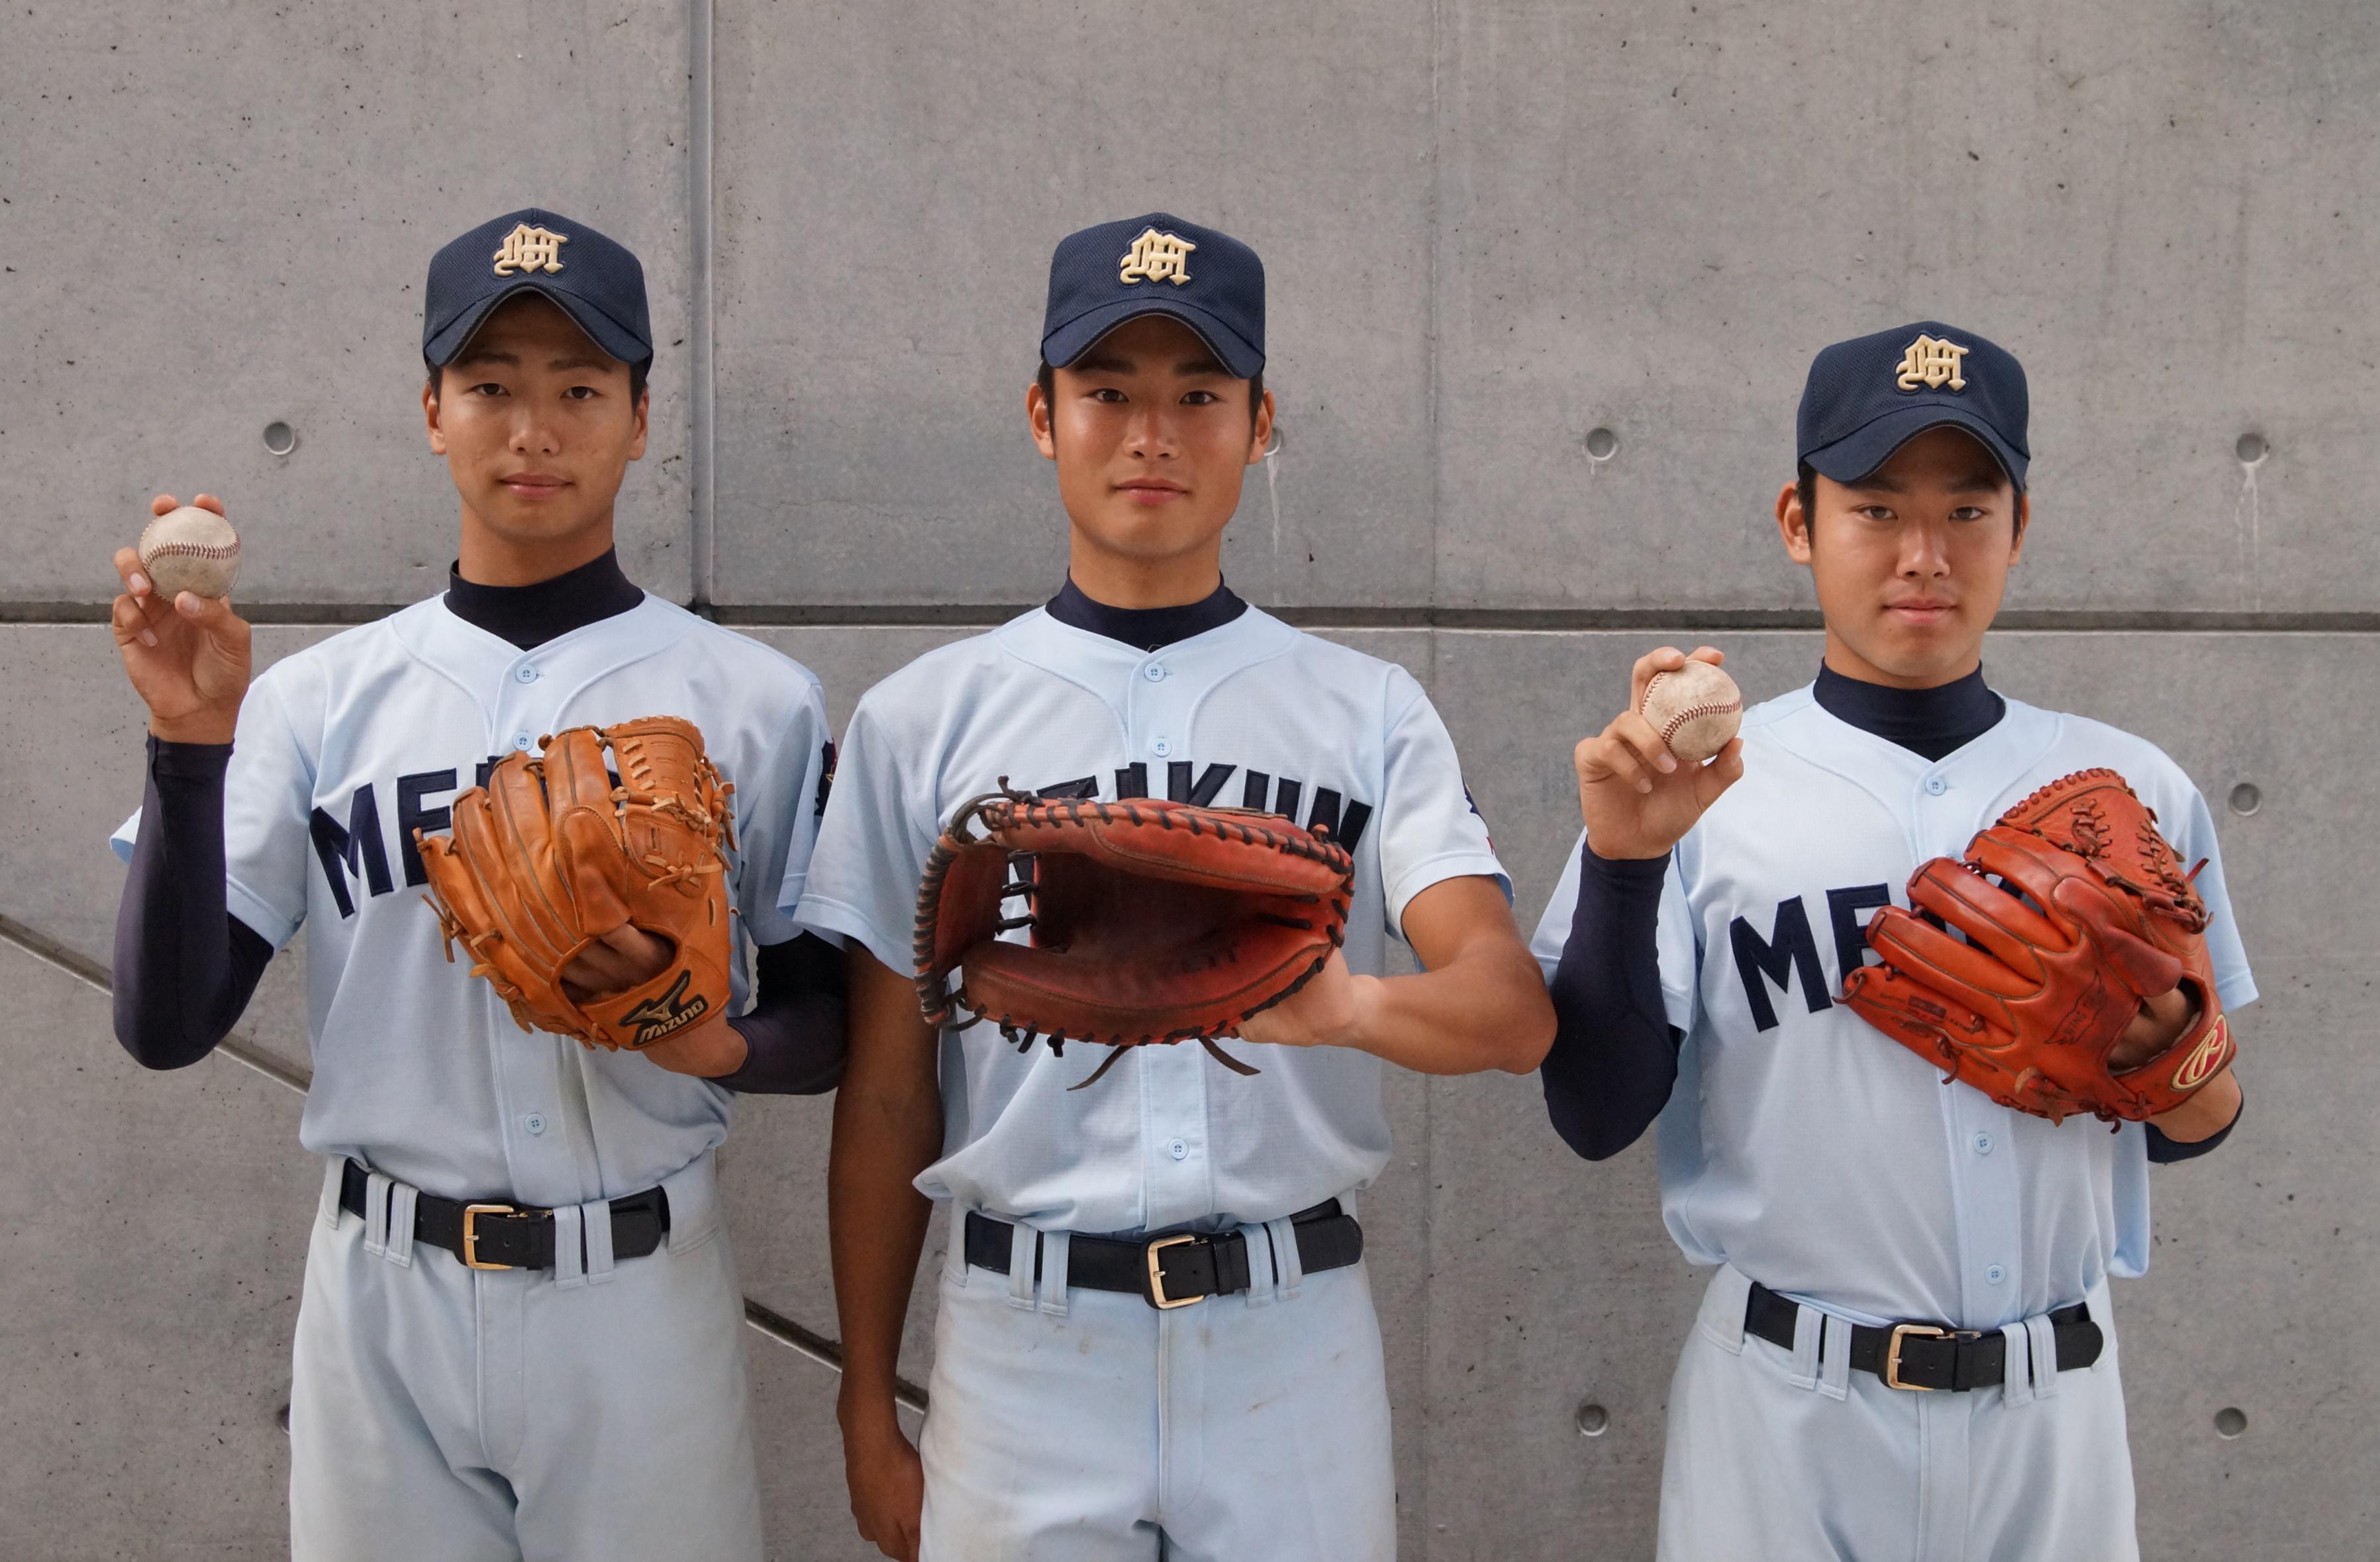 新潟 高校 野球 したらば 掲示板 新潟県の高校野球 part2 (2017~2020)